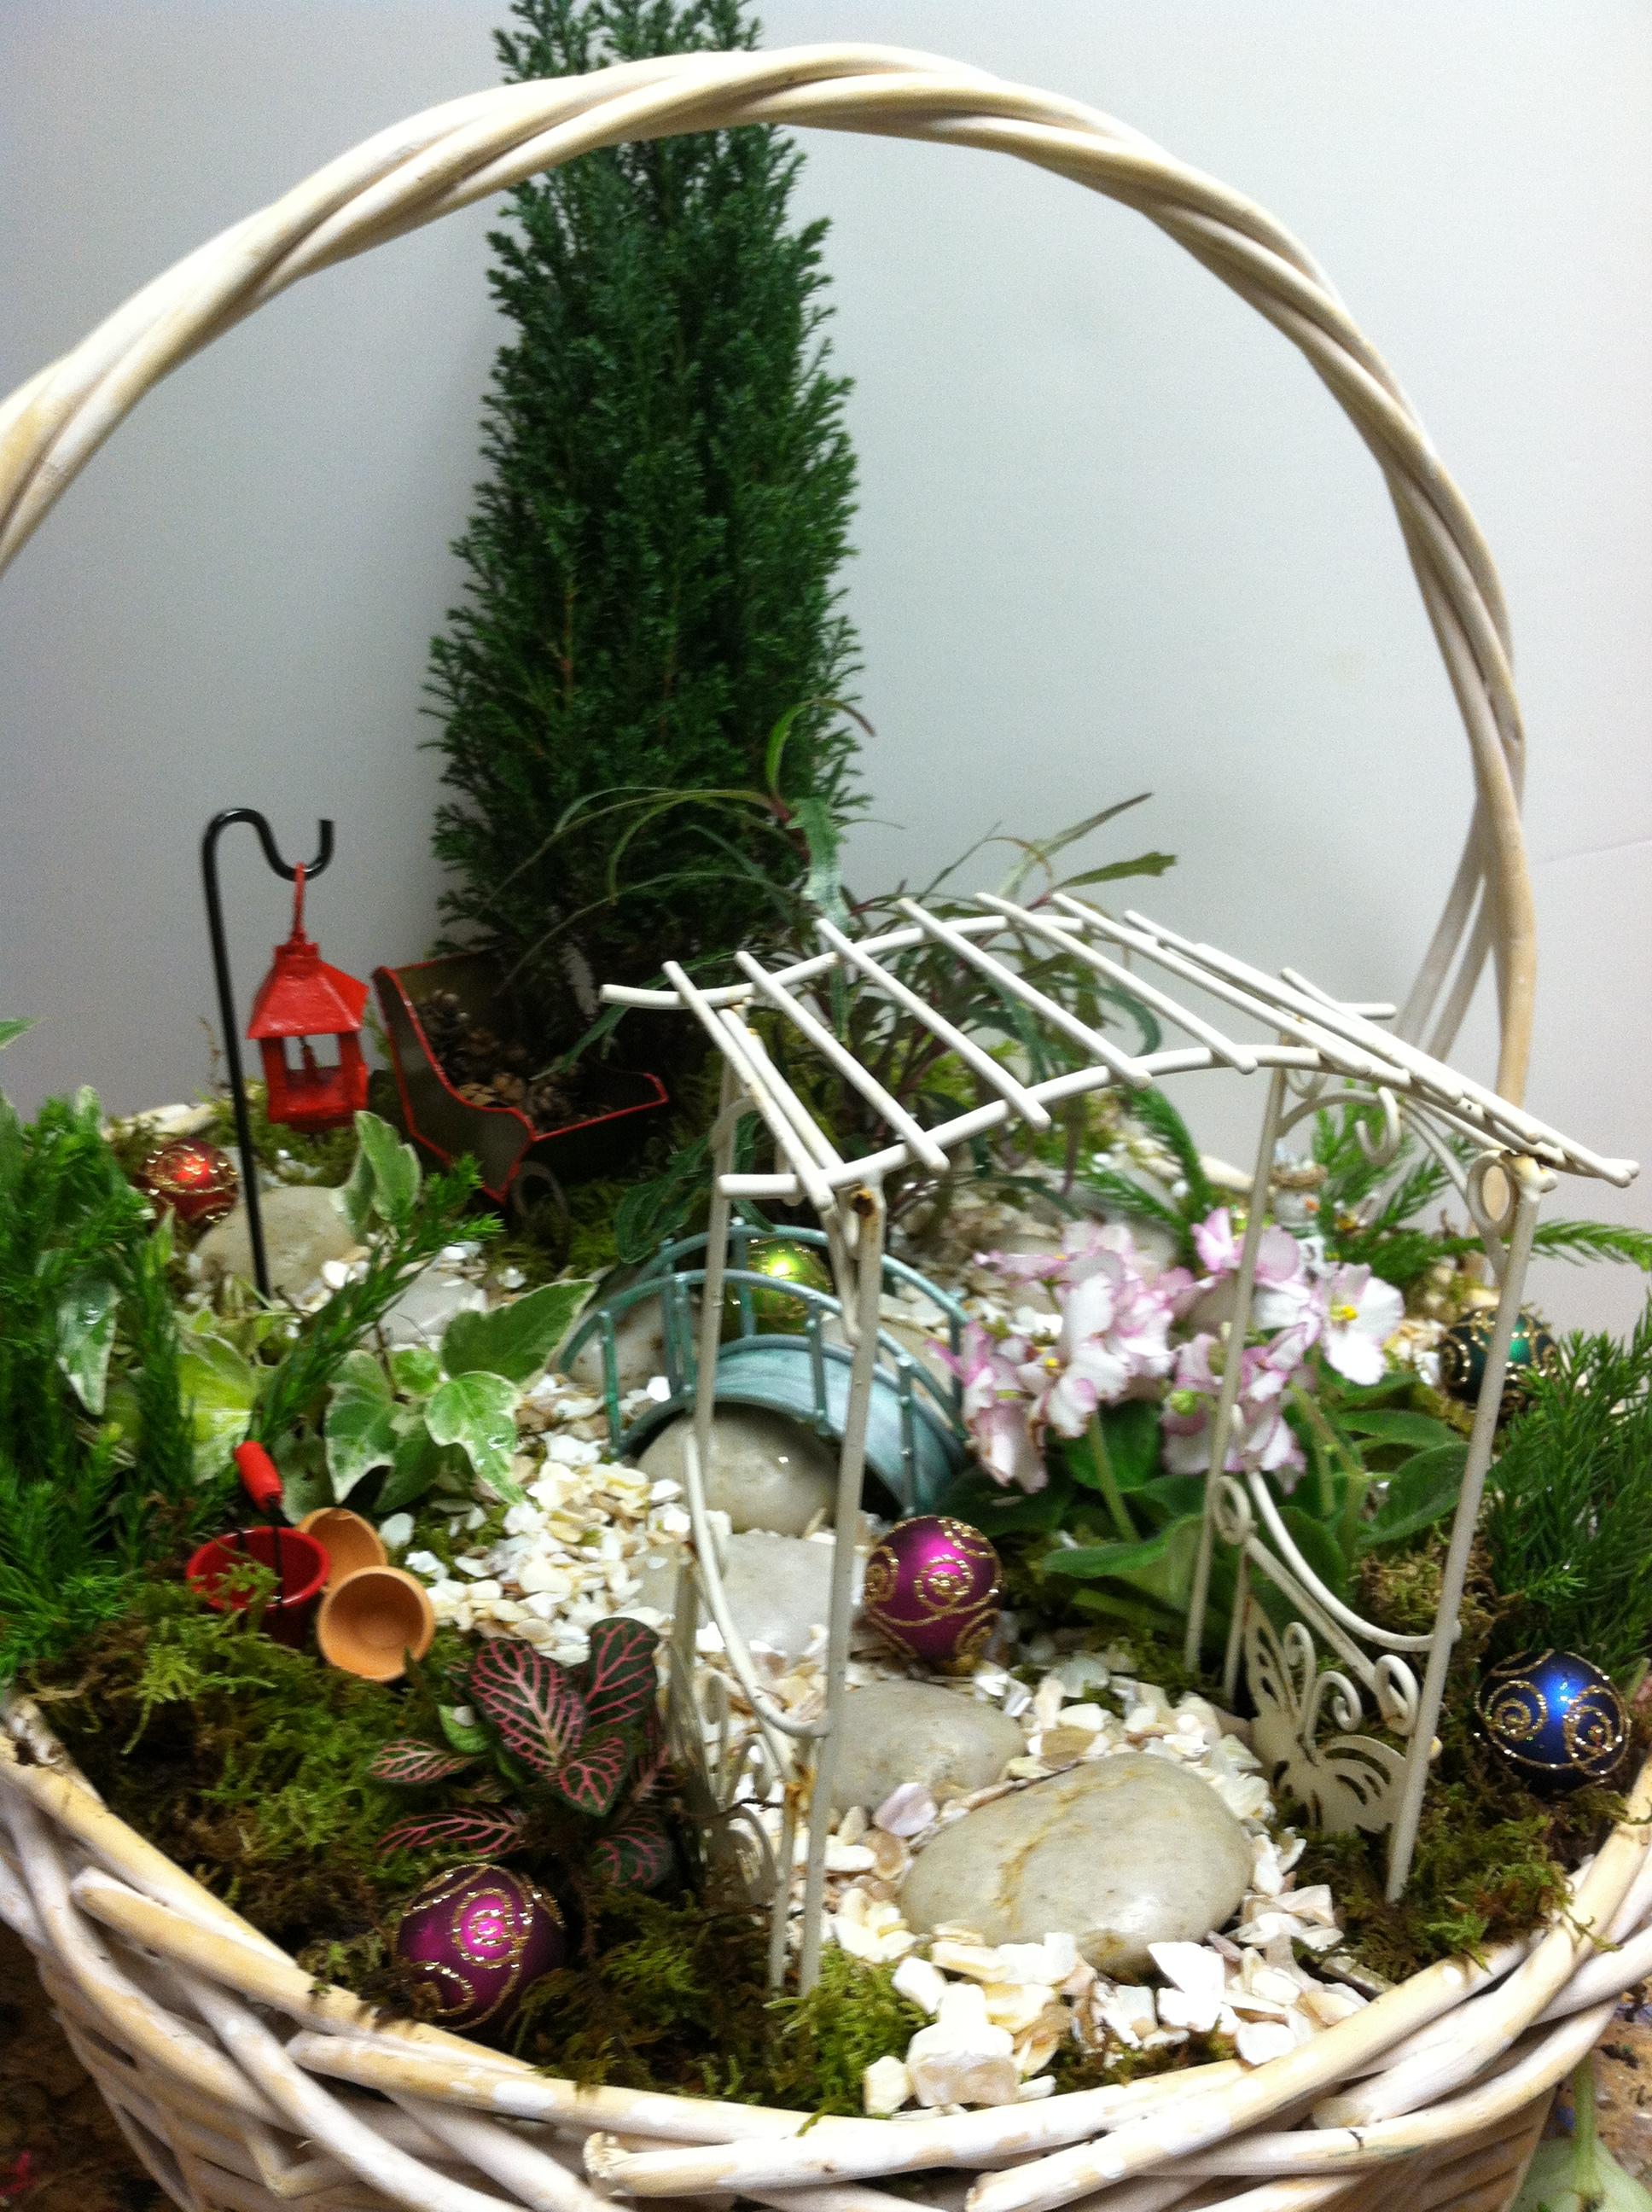 Fairytale Christmas | The Garden Diaries